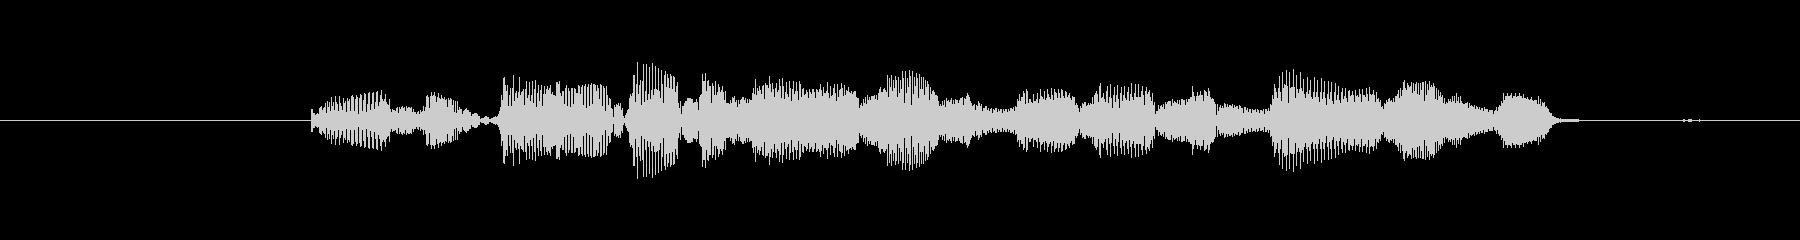 鳴き声 リップスマッキングチャイルド03の未再生の波形